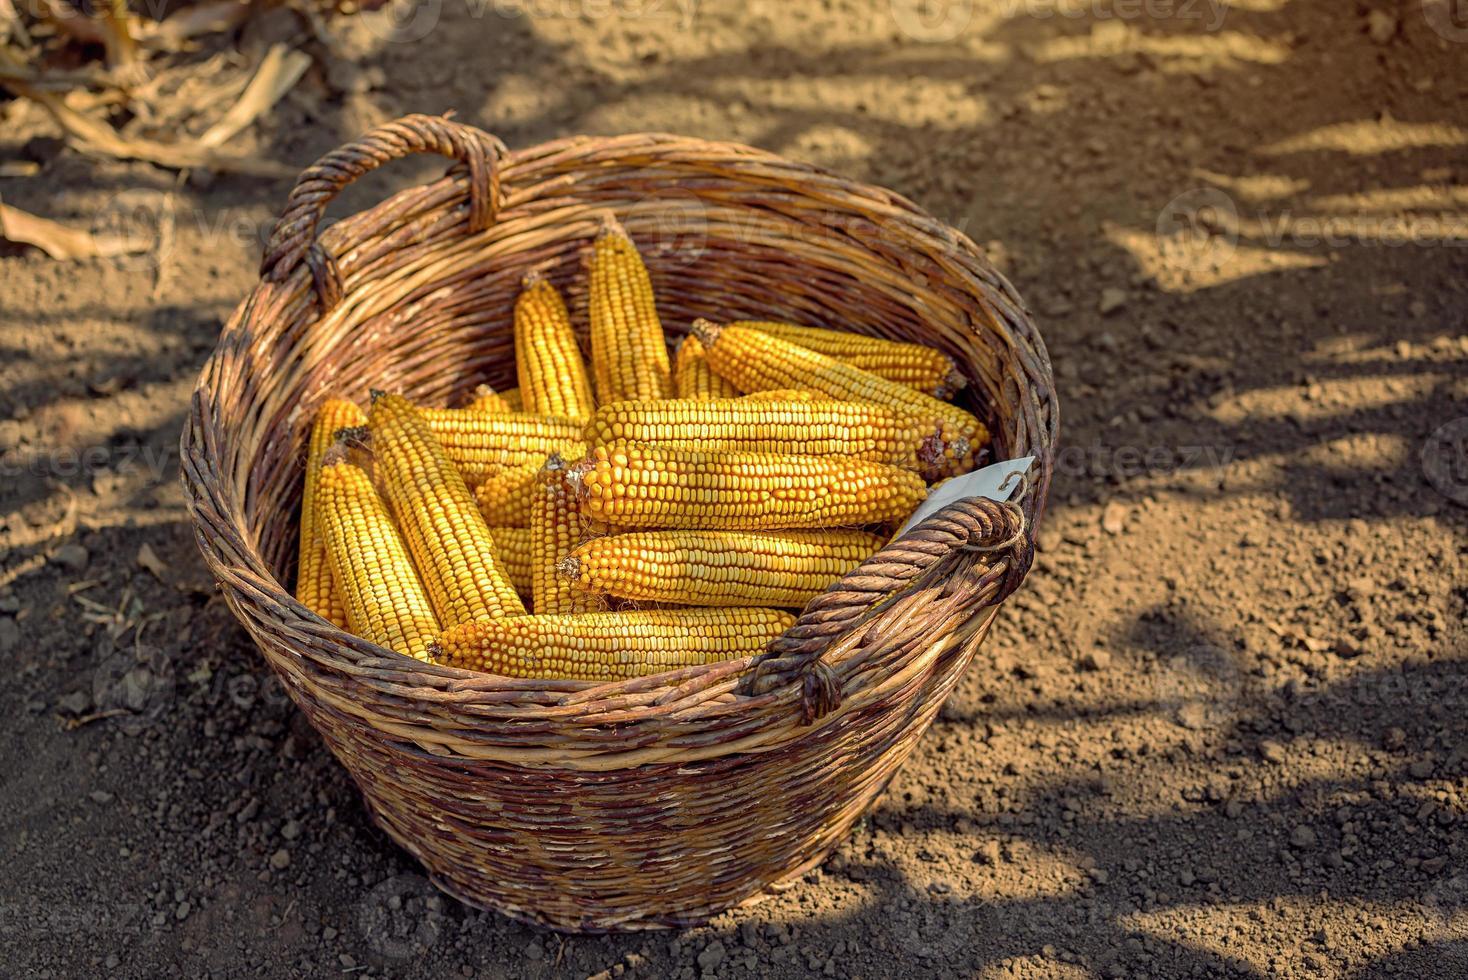 maïs récolté dans un panier en osier photo